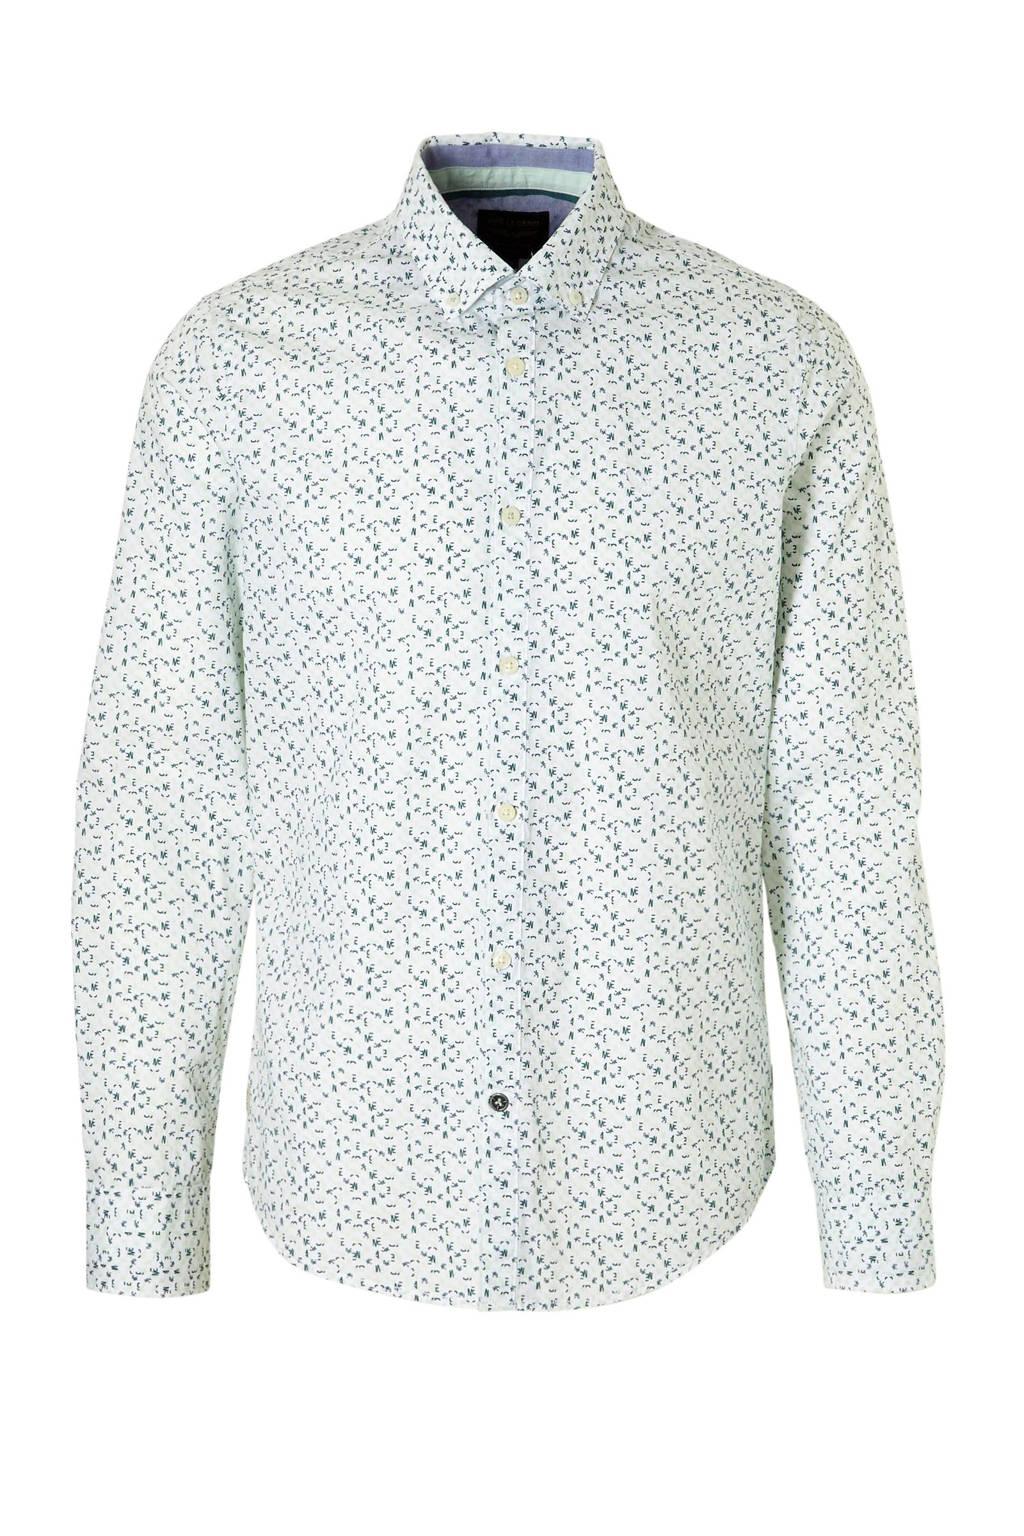 PME Legend overhemd, Wit/groen